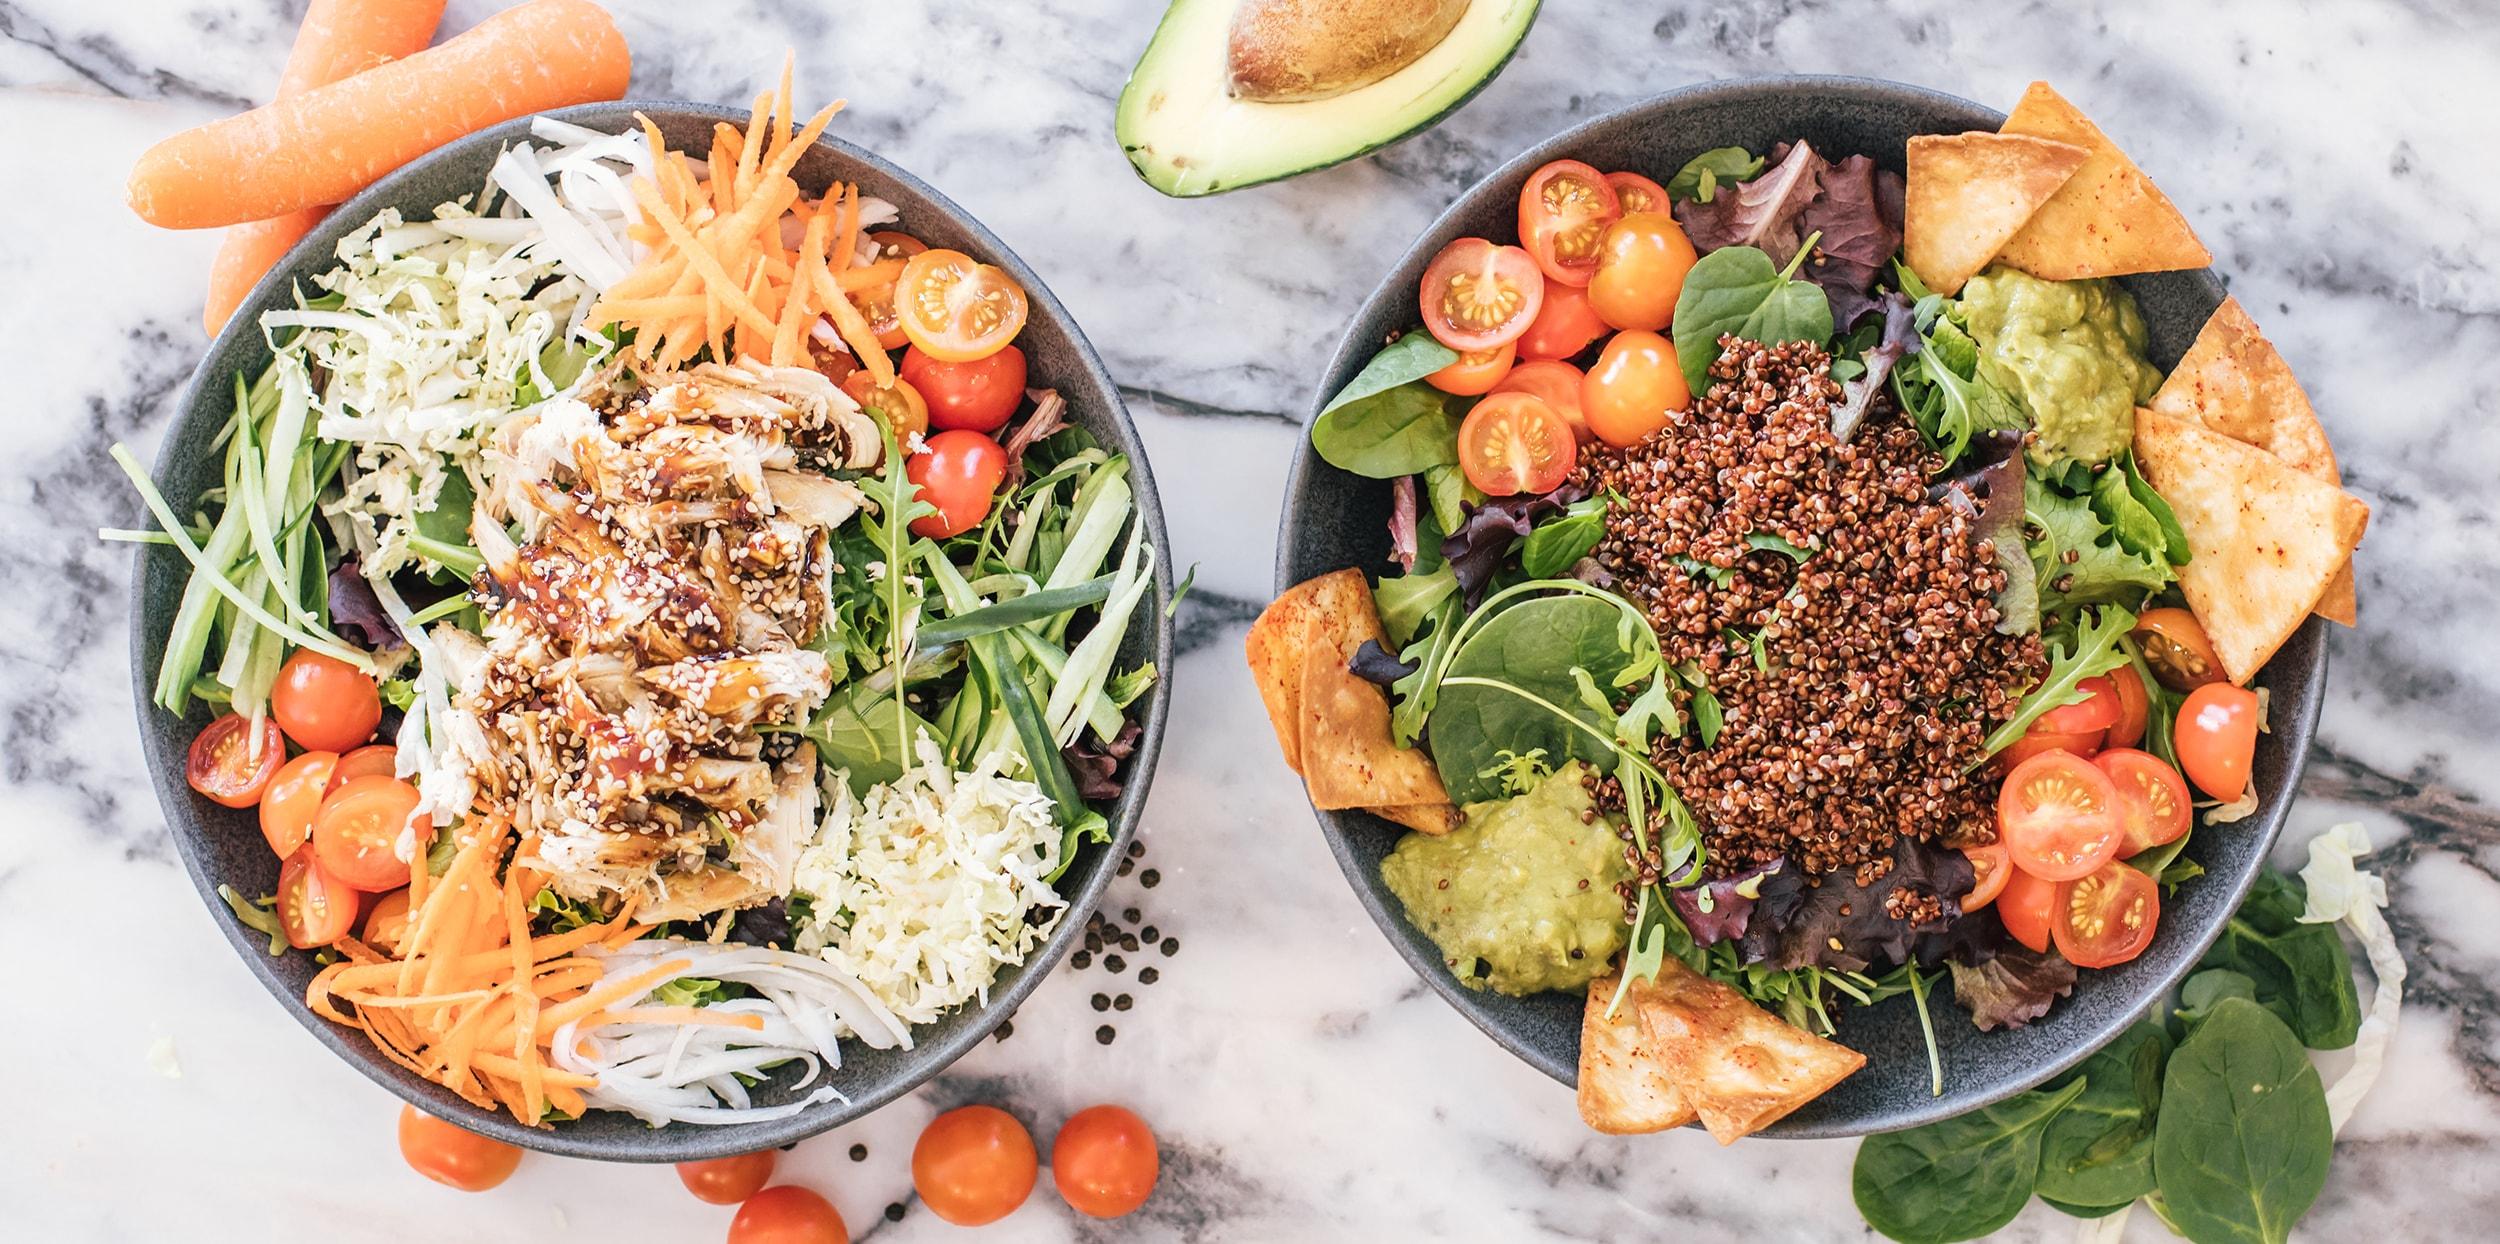 ideias para refeições saudáveis